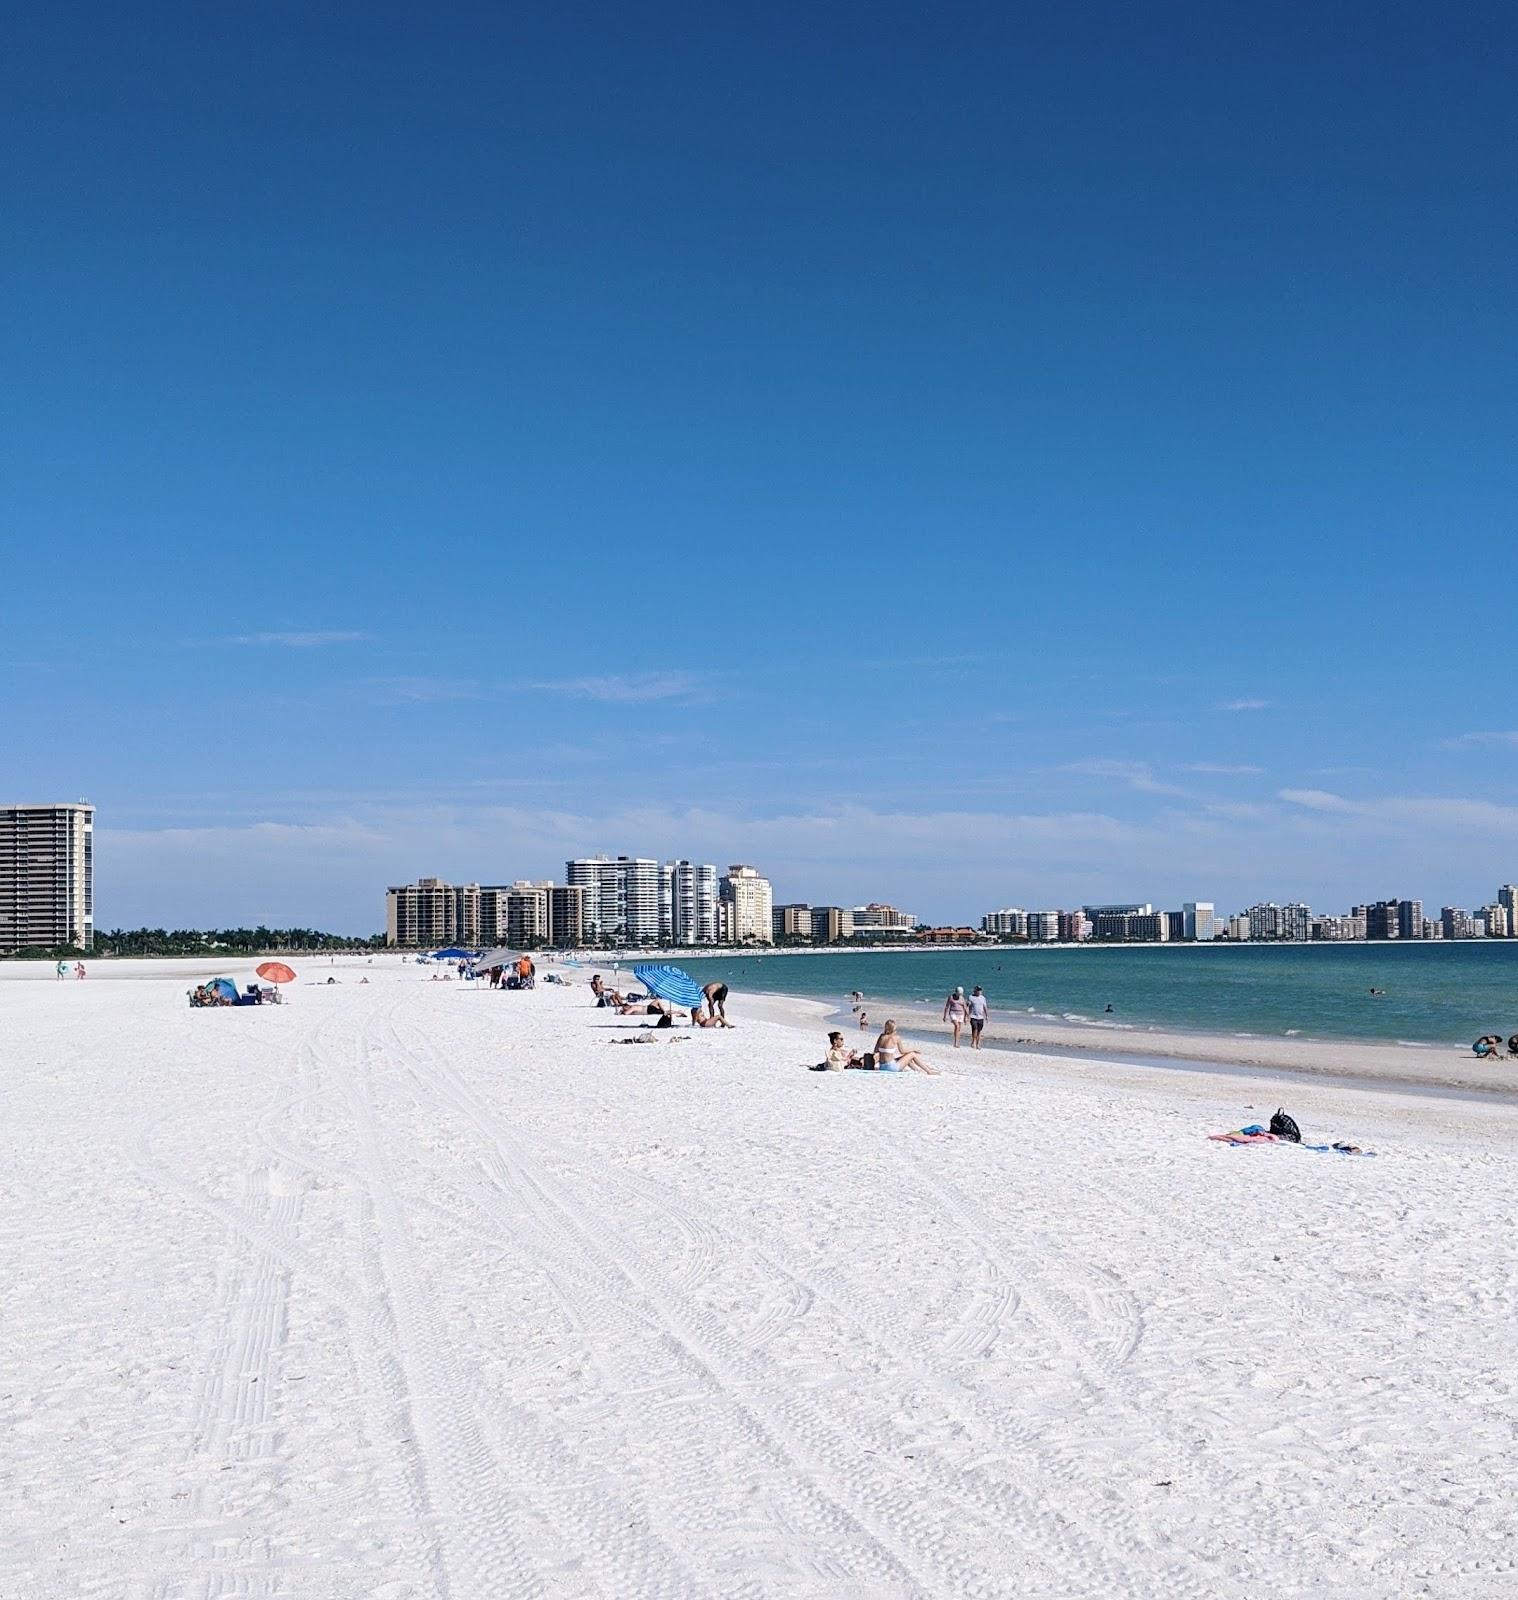 אטרקציות בפלורידה טיול בארצות הברית לאן הכי כדאי ללכת